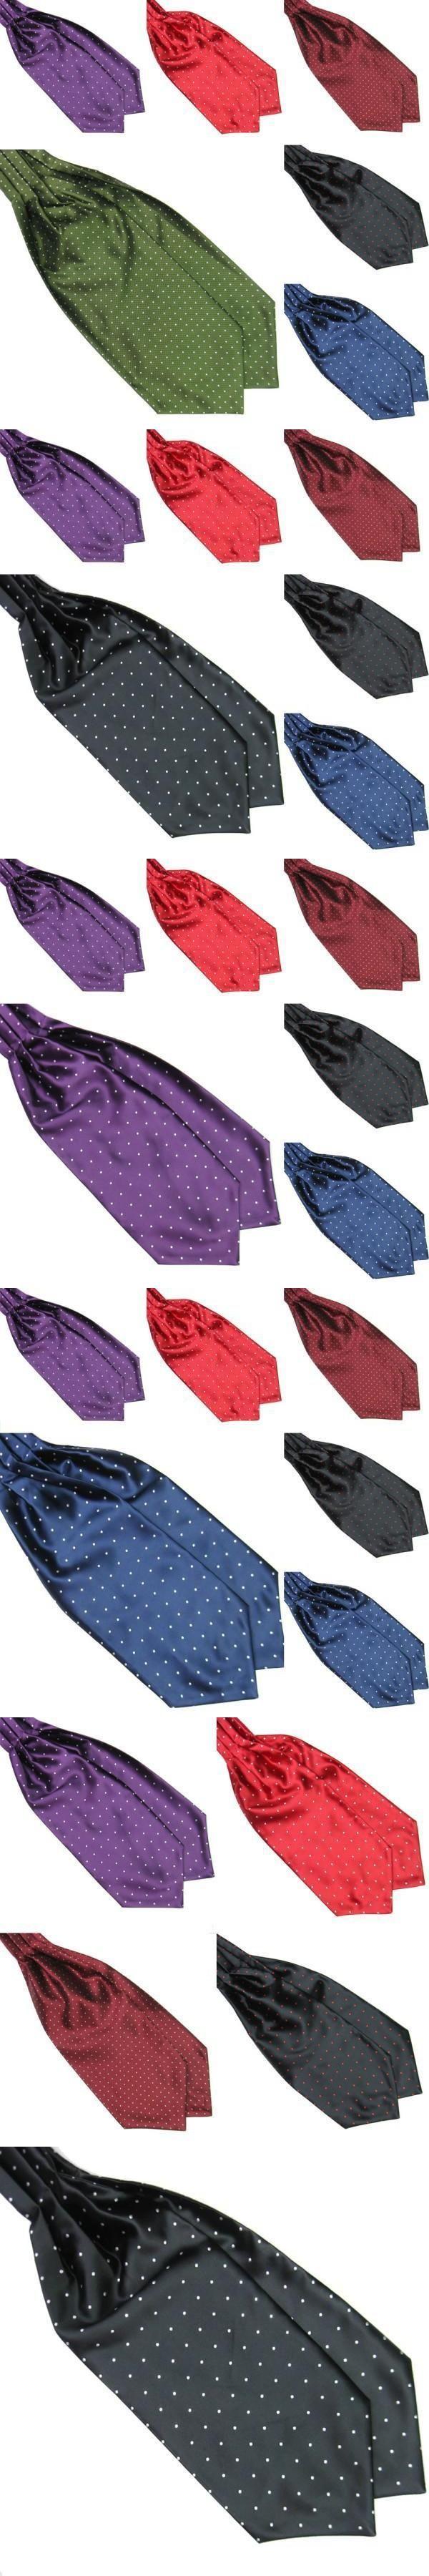 Men Fashion Polka Dot Long Silk Cravat Ascot Ties Handkerchief Gentlemen Neck Tie